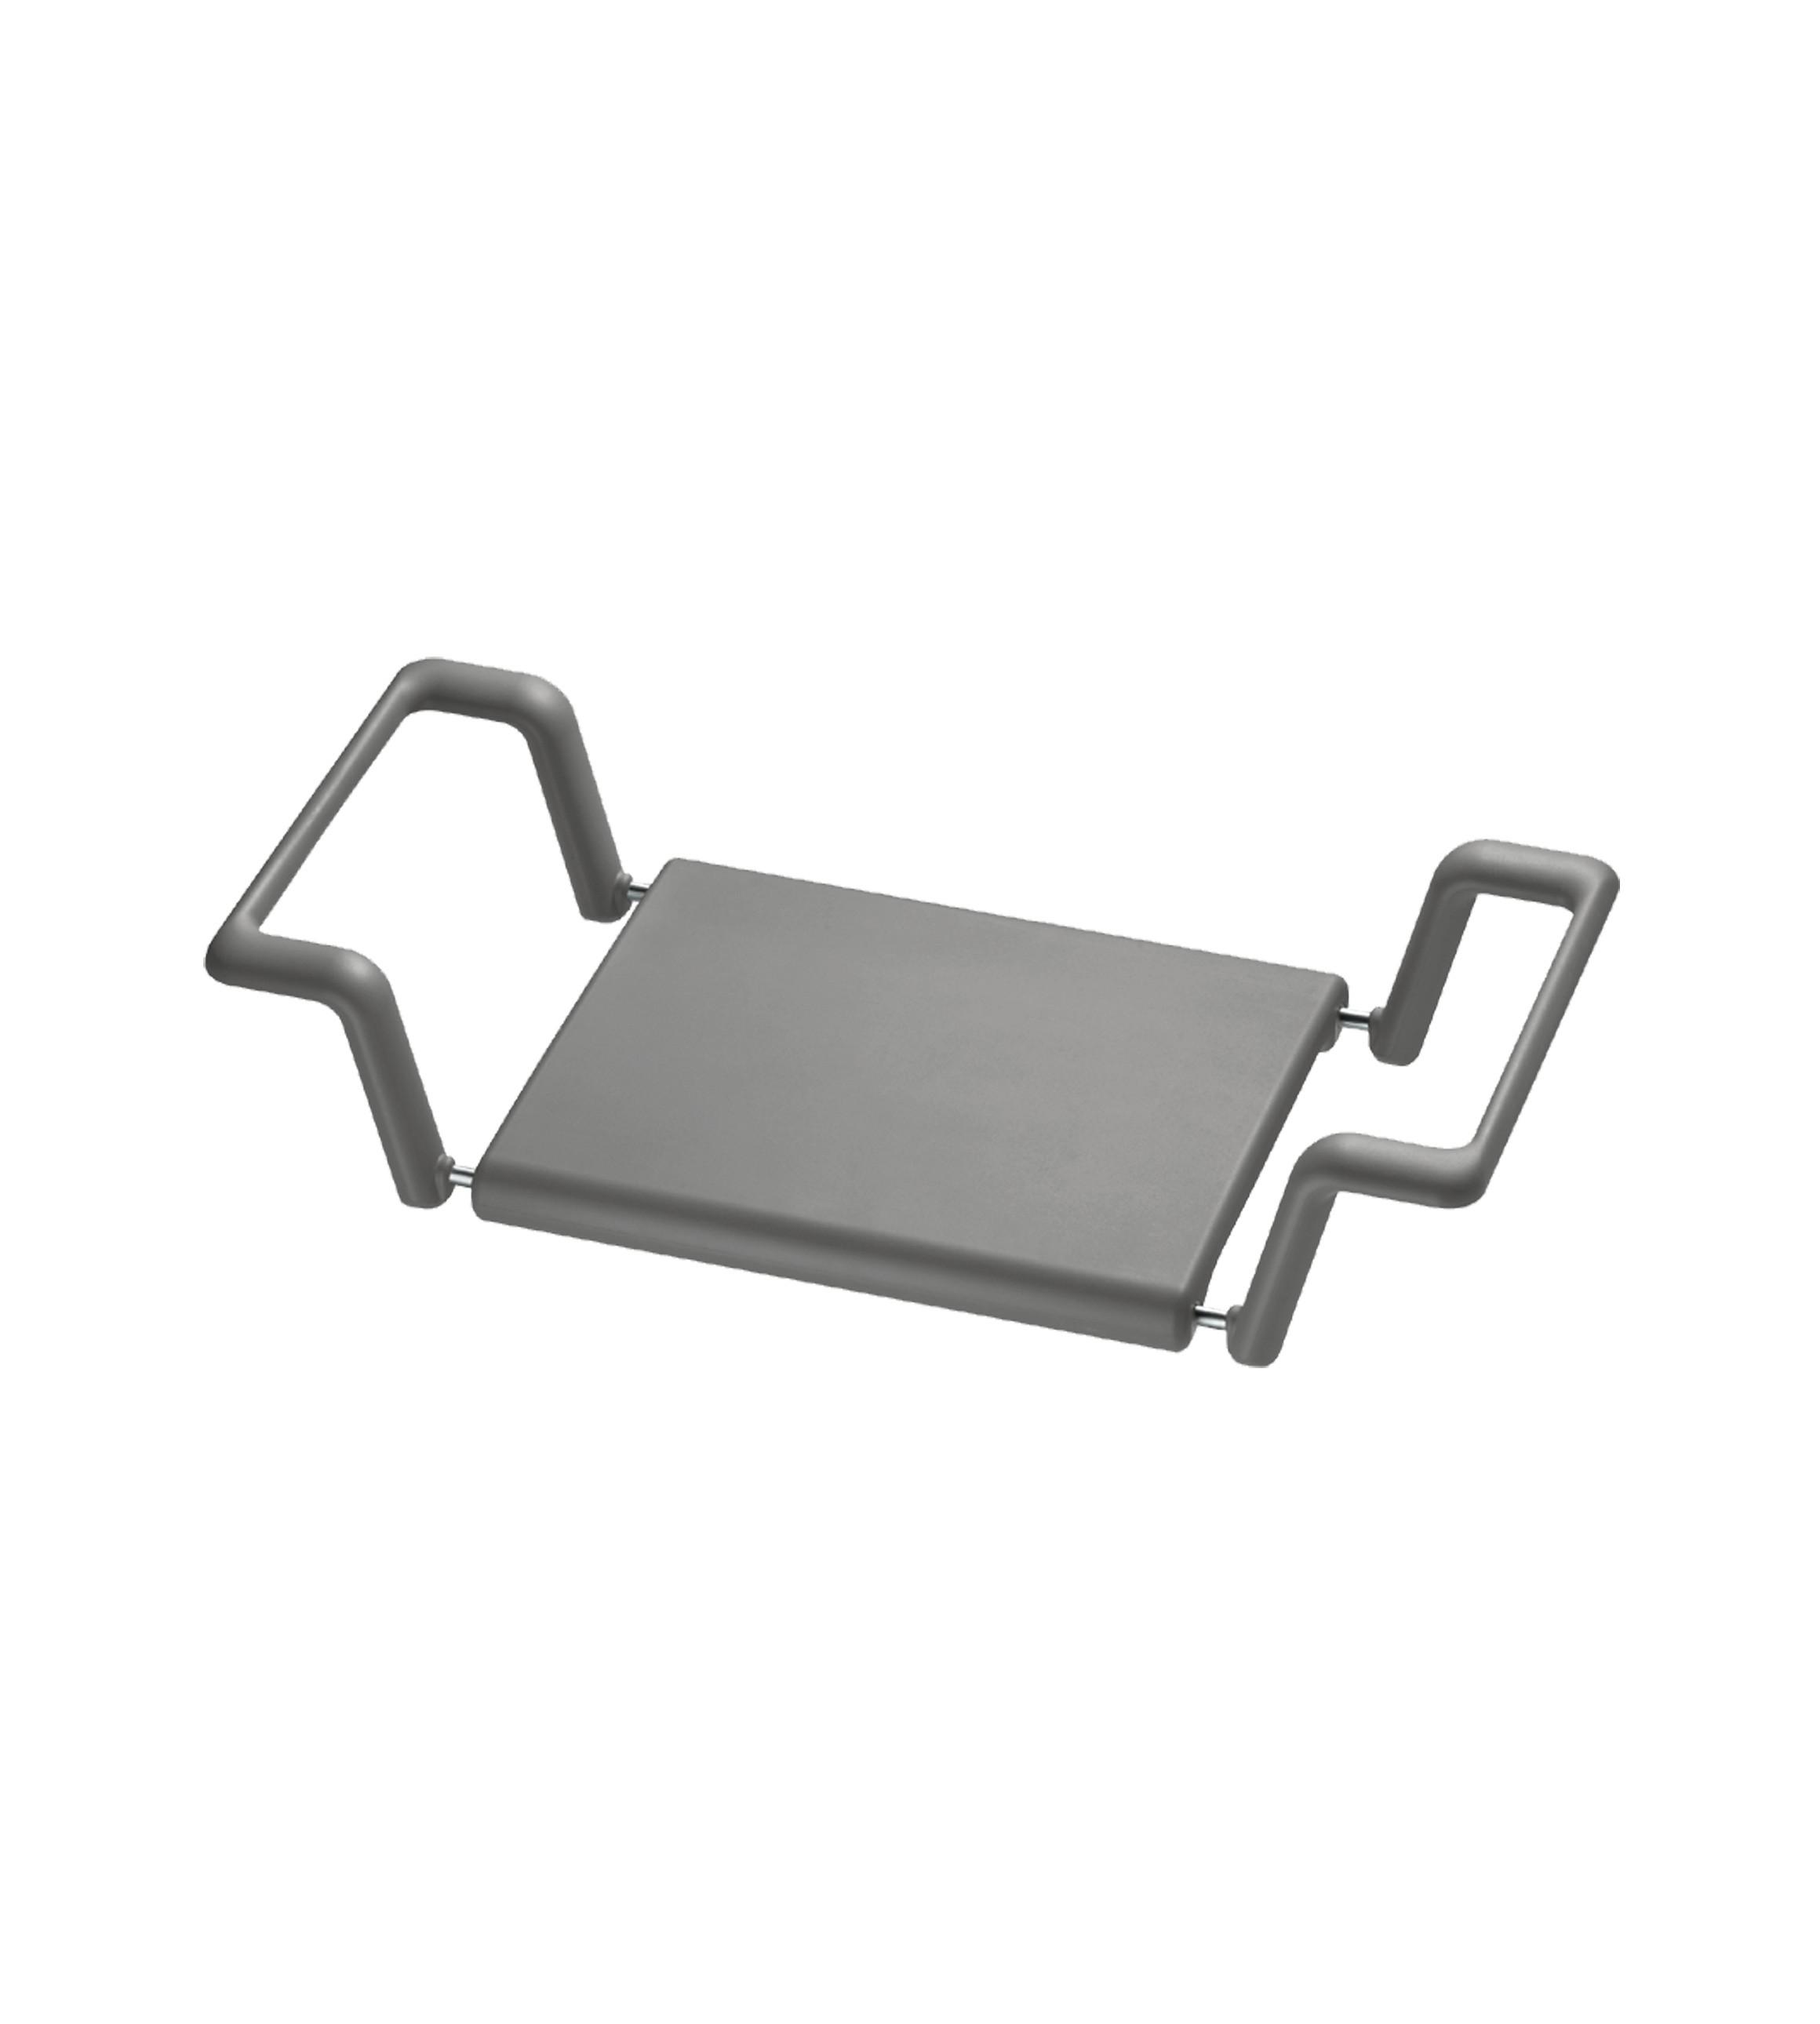 FSB Wannen-Einhängesitz Kunststoff (0 82 8240 00000 8800)